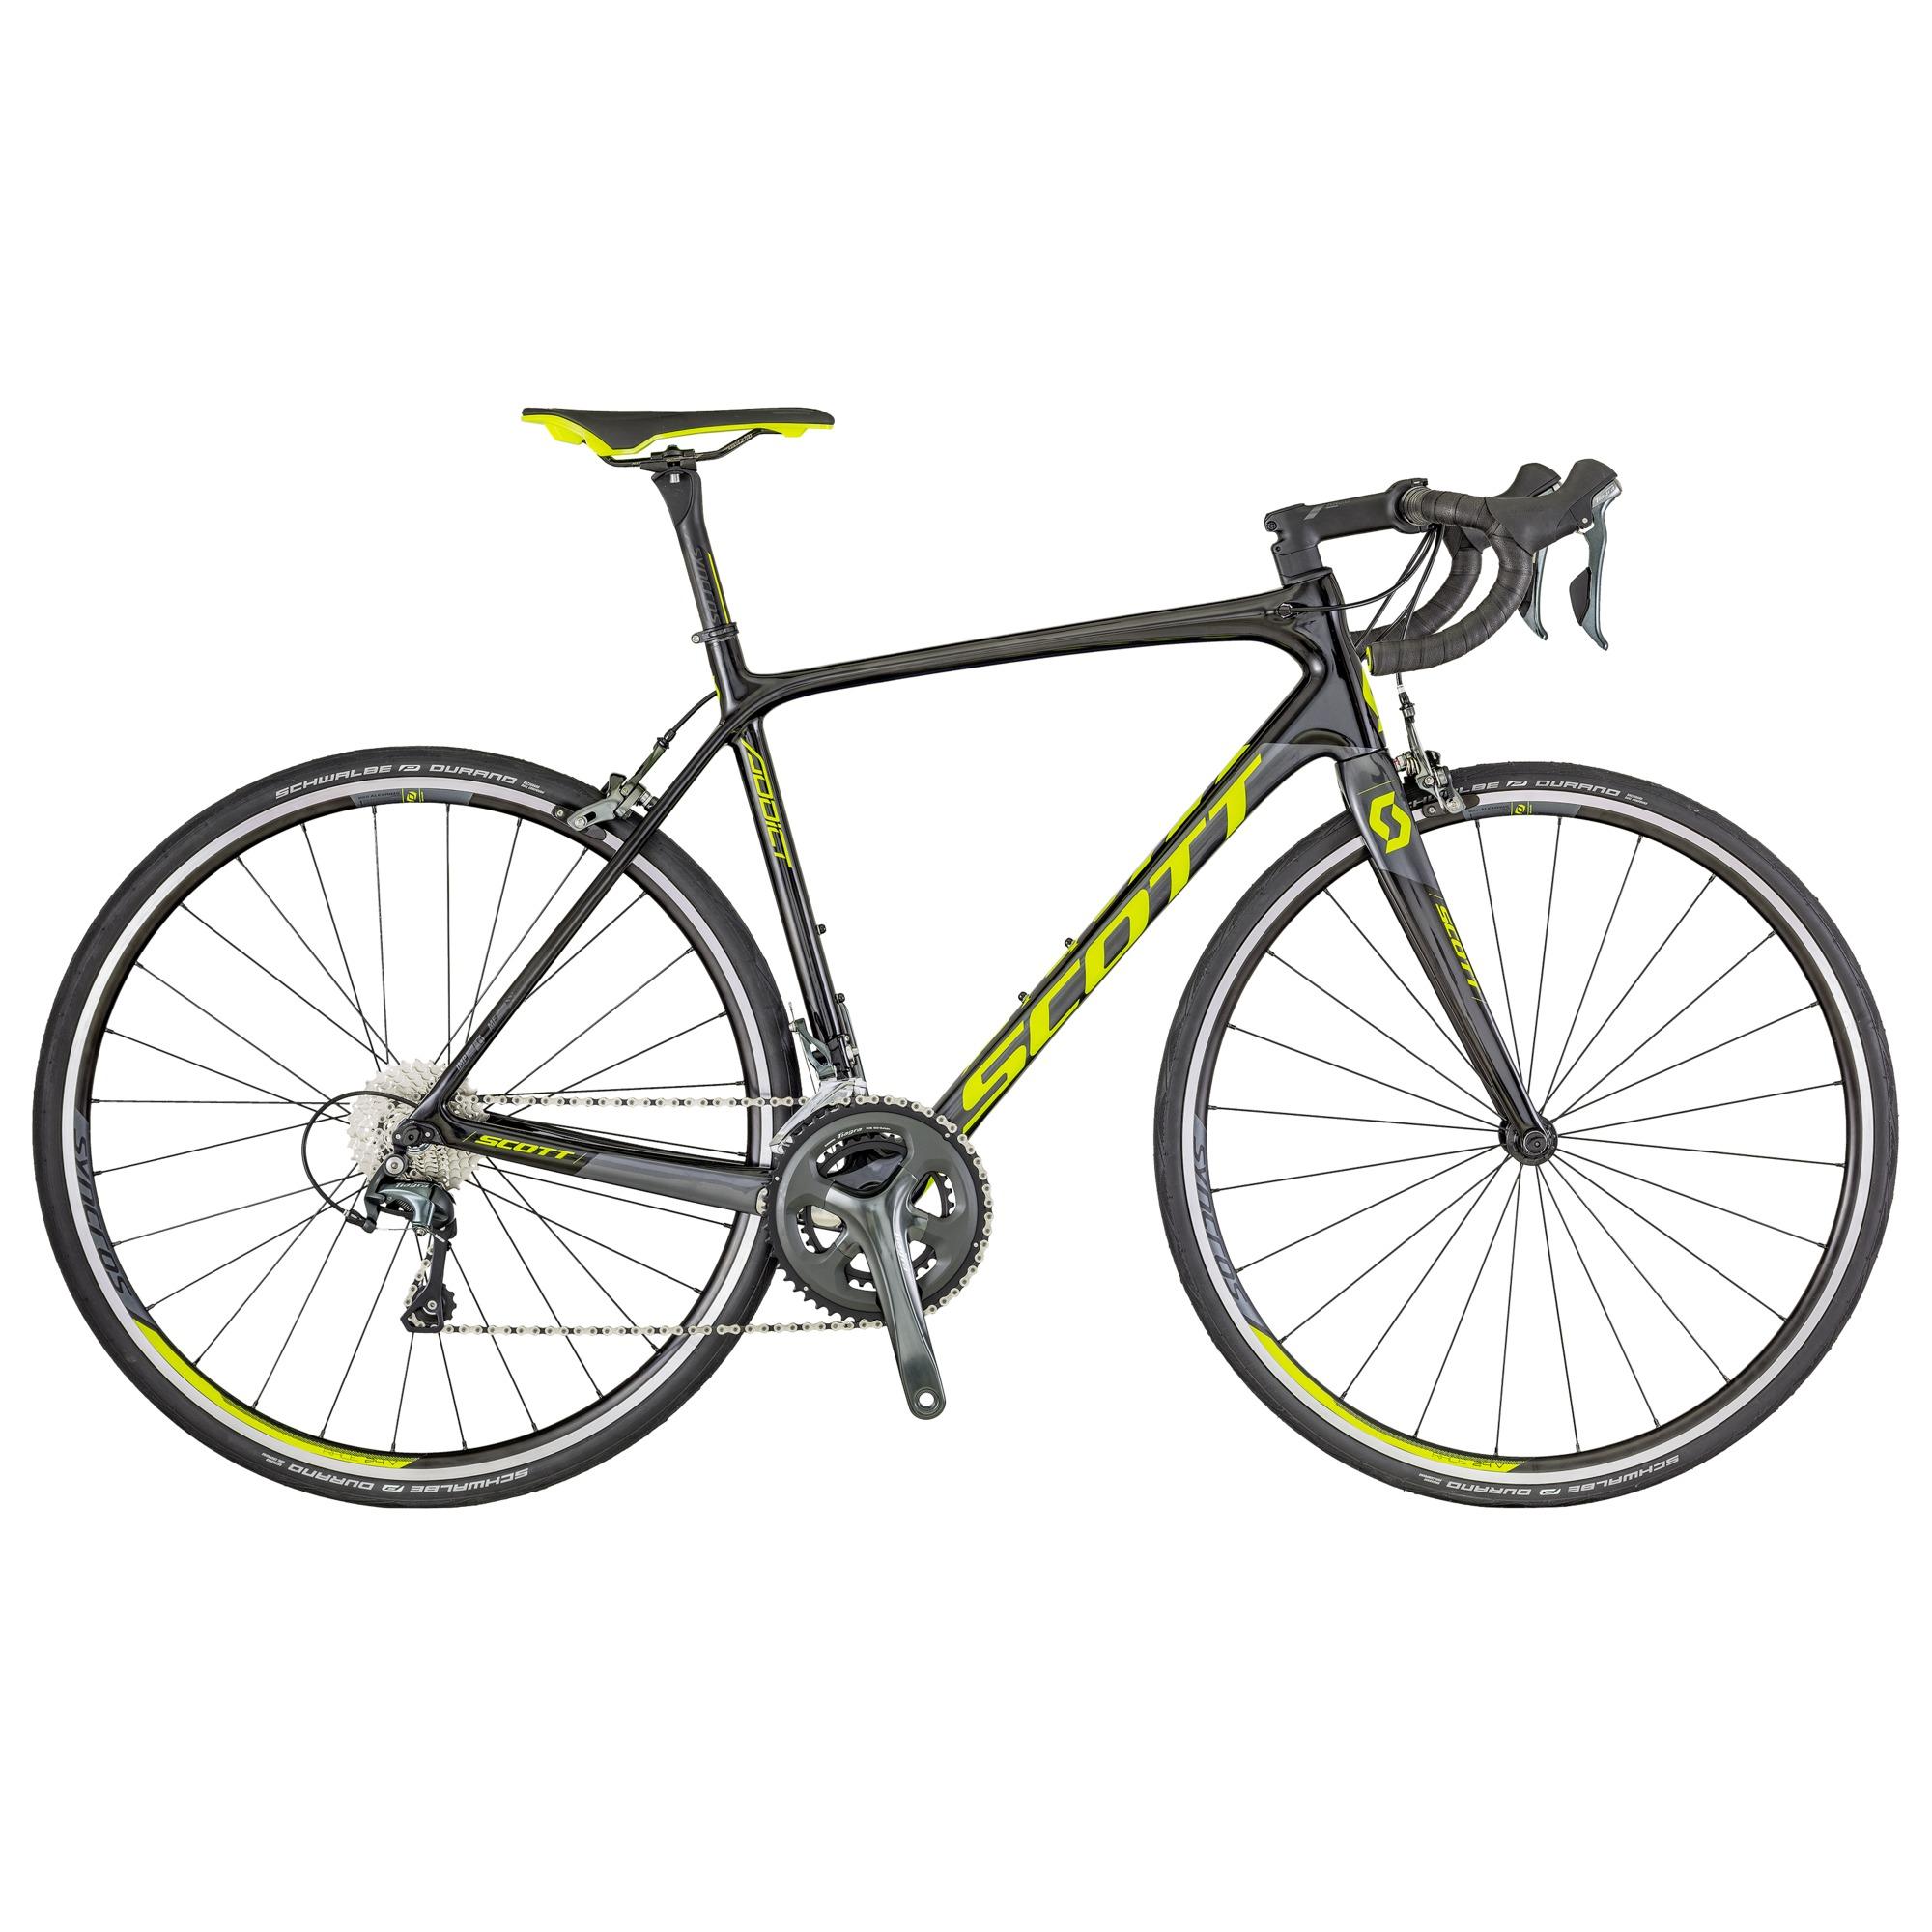 SCOTT Addict 30 Bike M54 - SCOTT Addict 30 Bike M54